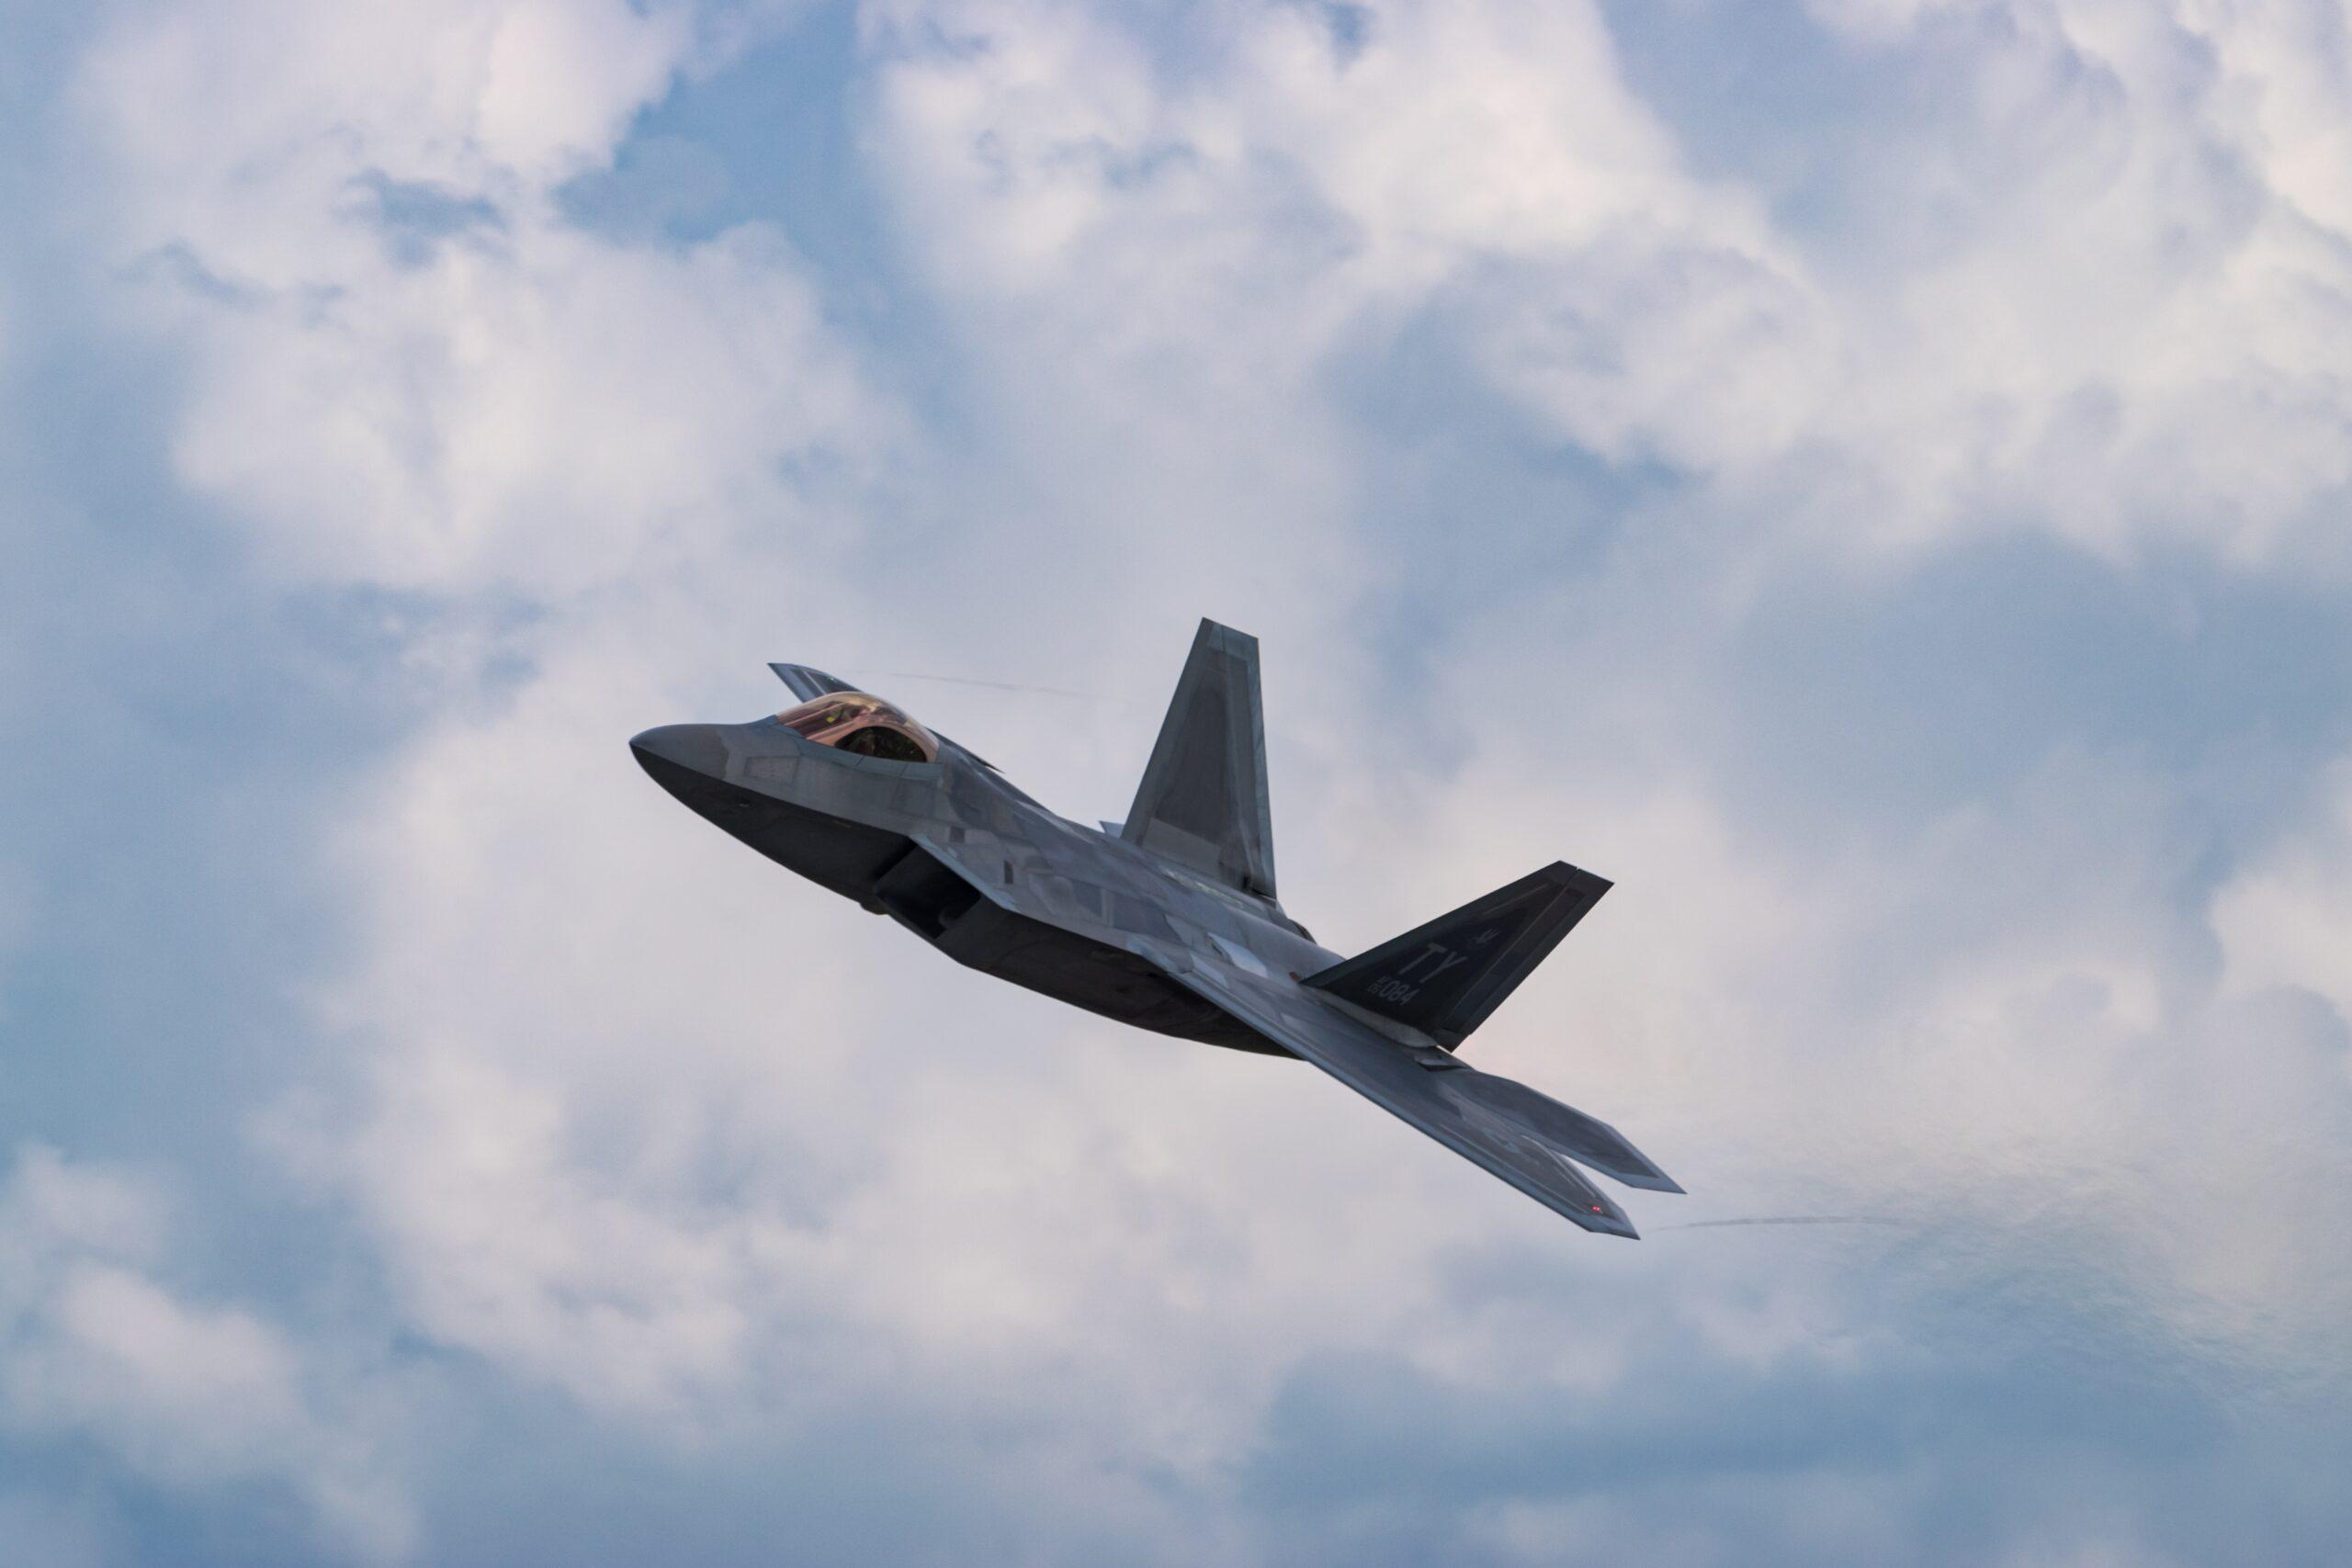 予算の使い道には戦闘機の購入